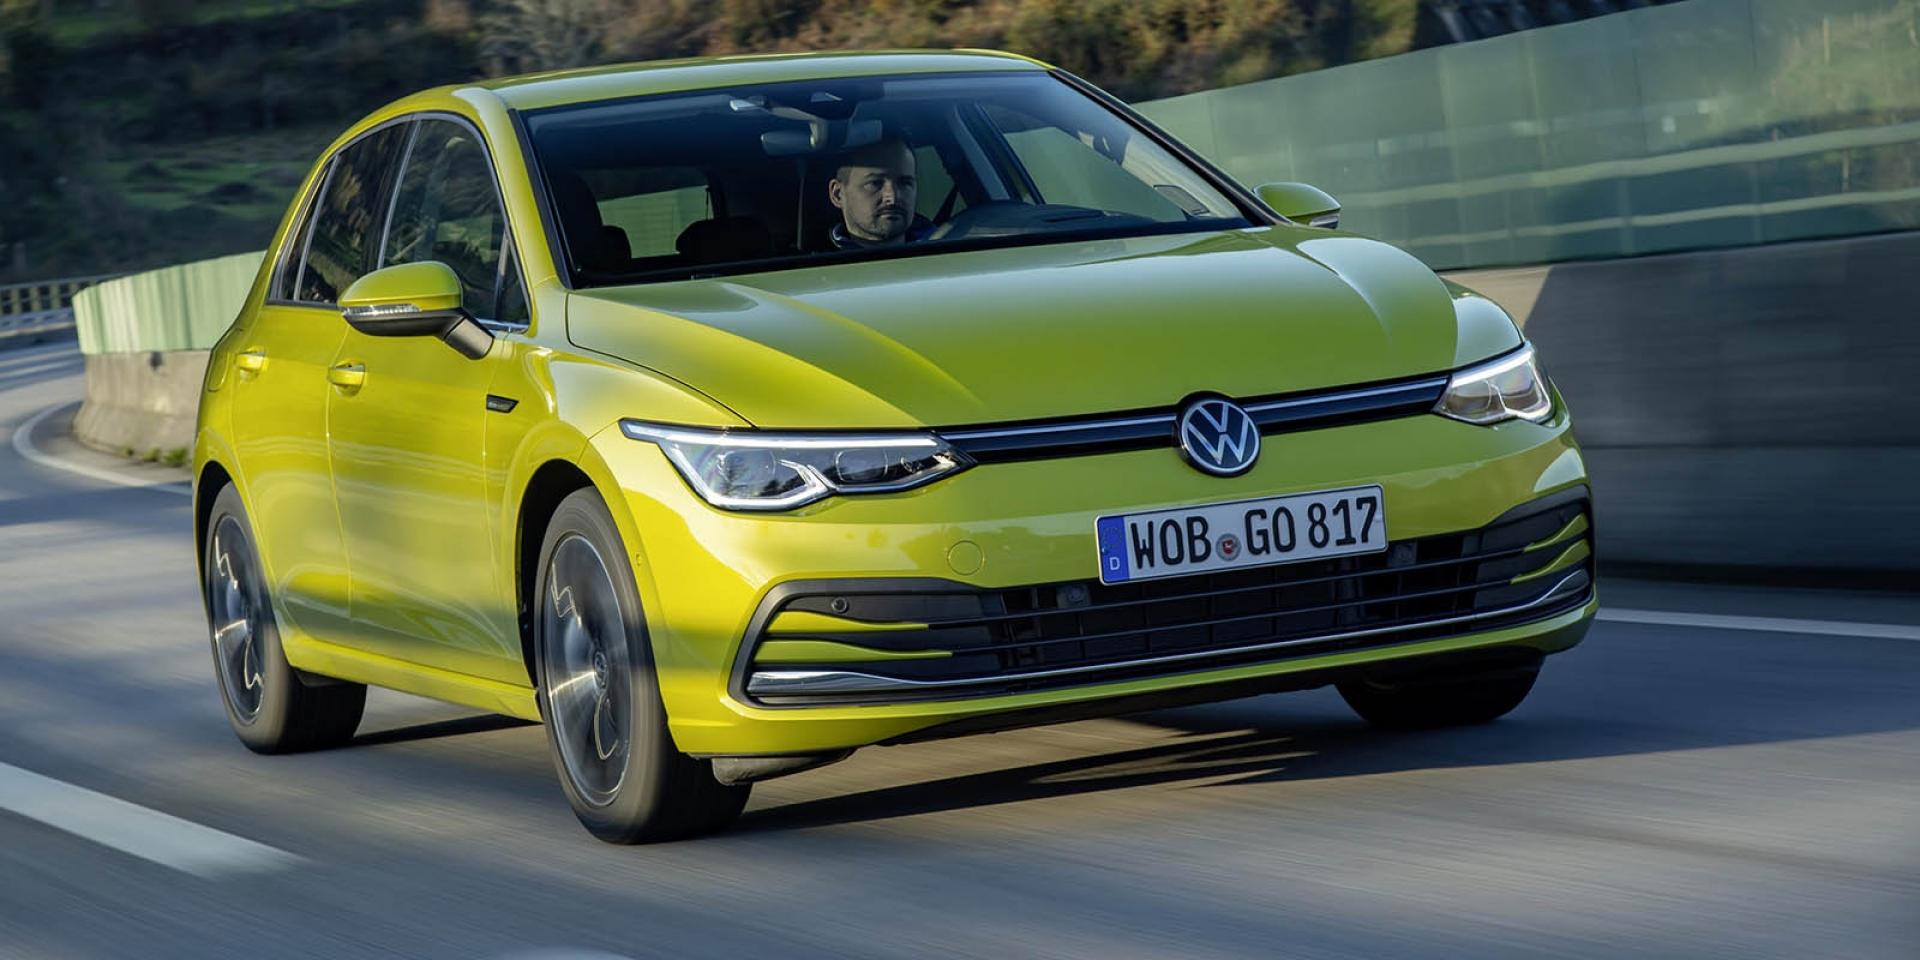 官方新聞稿。Volkswagen The all-new Golf 全新魅力世代 7/1 即將來襲 展現數位創新革命與頂尖 IQ.DRIVE 智能駕駛輔助系統